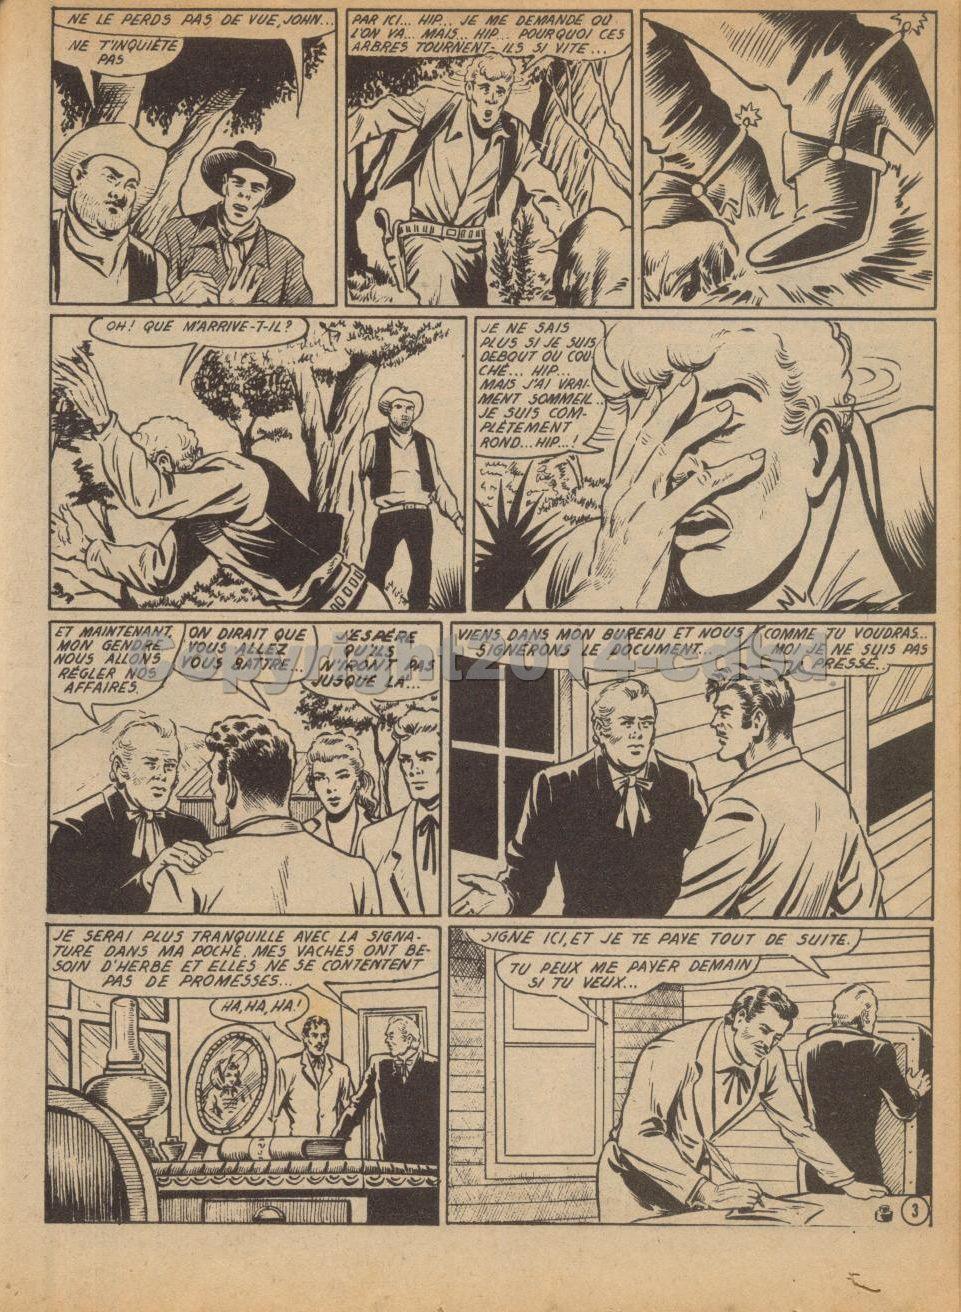 Audax mensuel n°66 de Mars 1958 -page 18 à 27